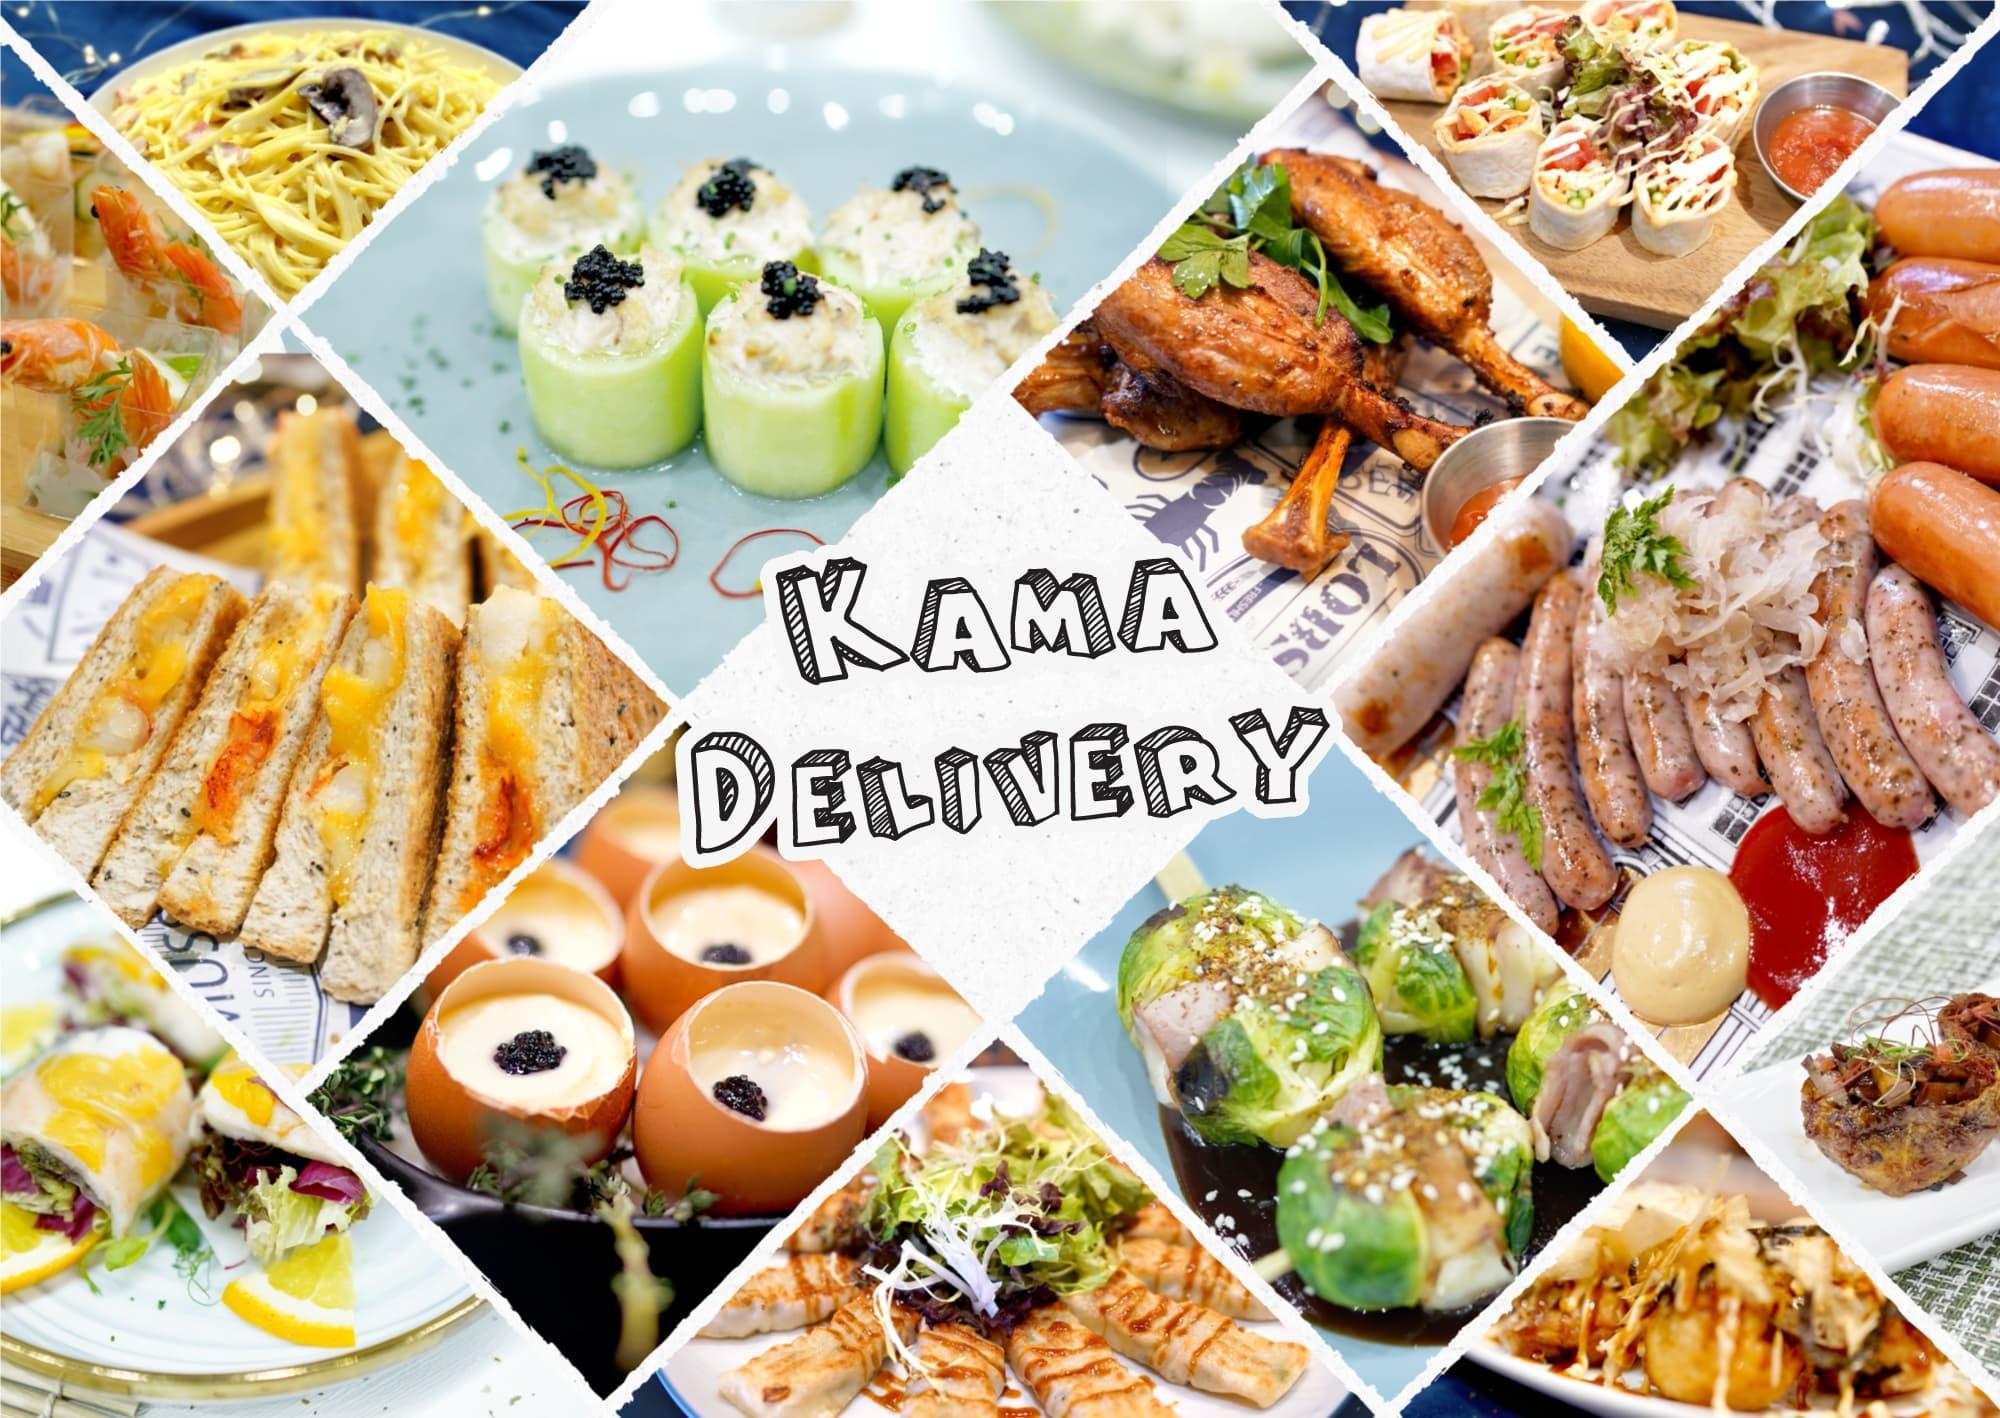 67人外賣套餐預訂|Kama Delivery為大型Party製作各款特色食品,並可為你的派對度身訂造個性化餐單及按人數調整美食數量。